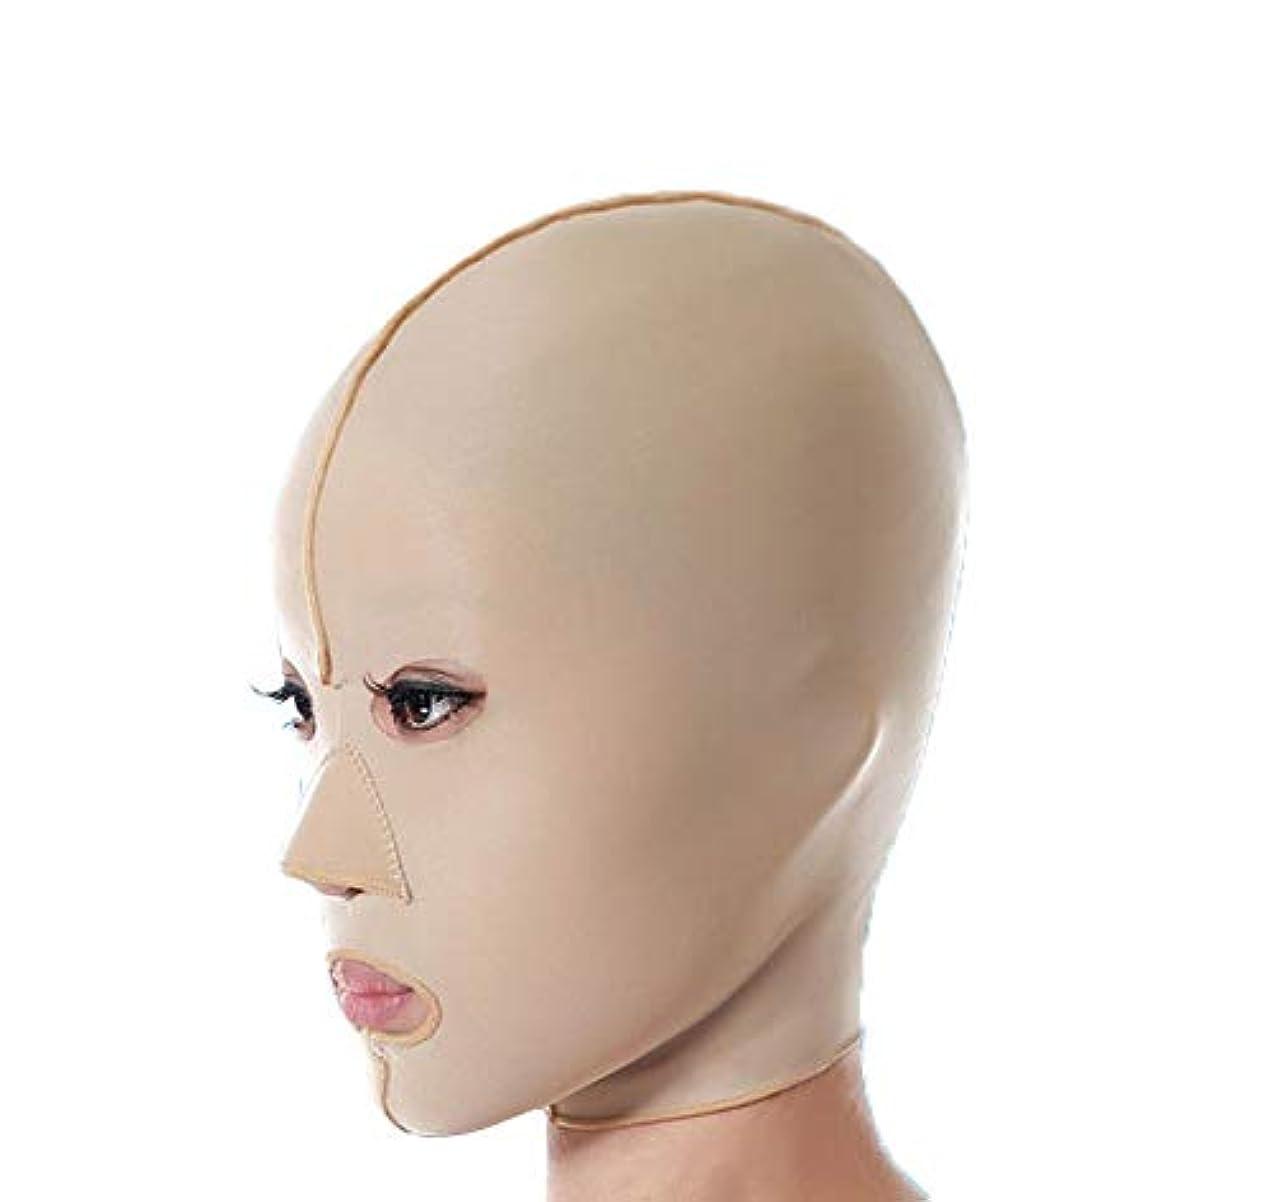 下るやめる減少TLMY 引き締めマスクマスク漢方薬強力なマスクアーティファクト美容垂れ防止方法フェイシャルリフティング引き締めフルフェイスマスク 顔用整形マスク (Size : S)